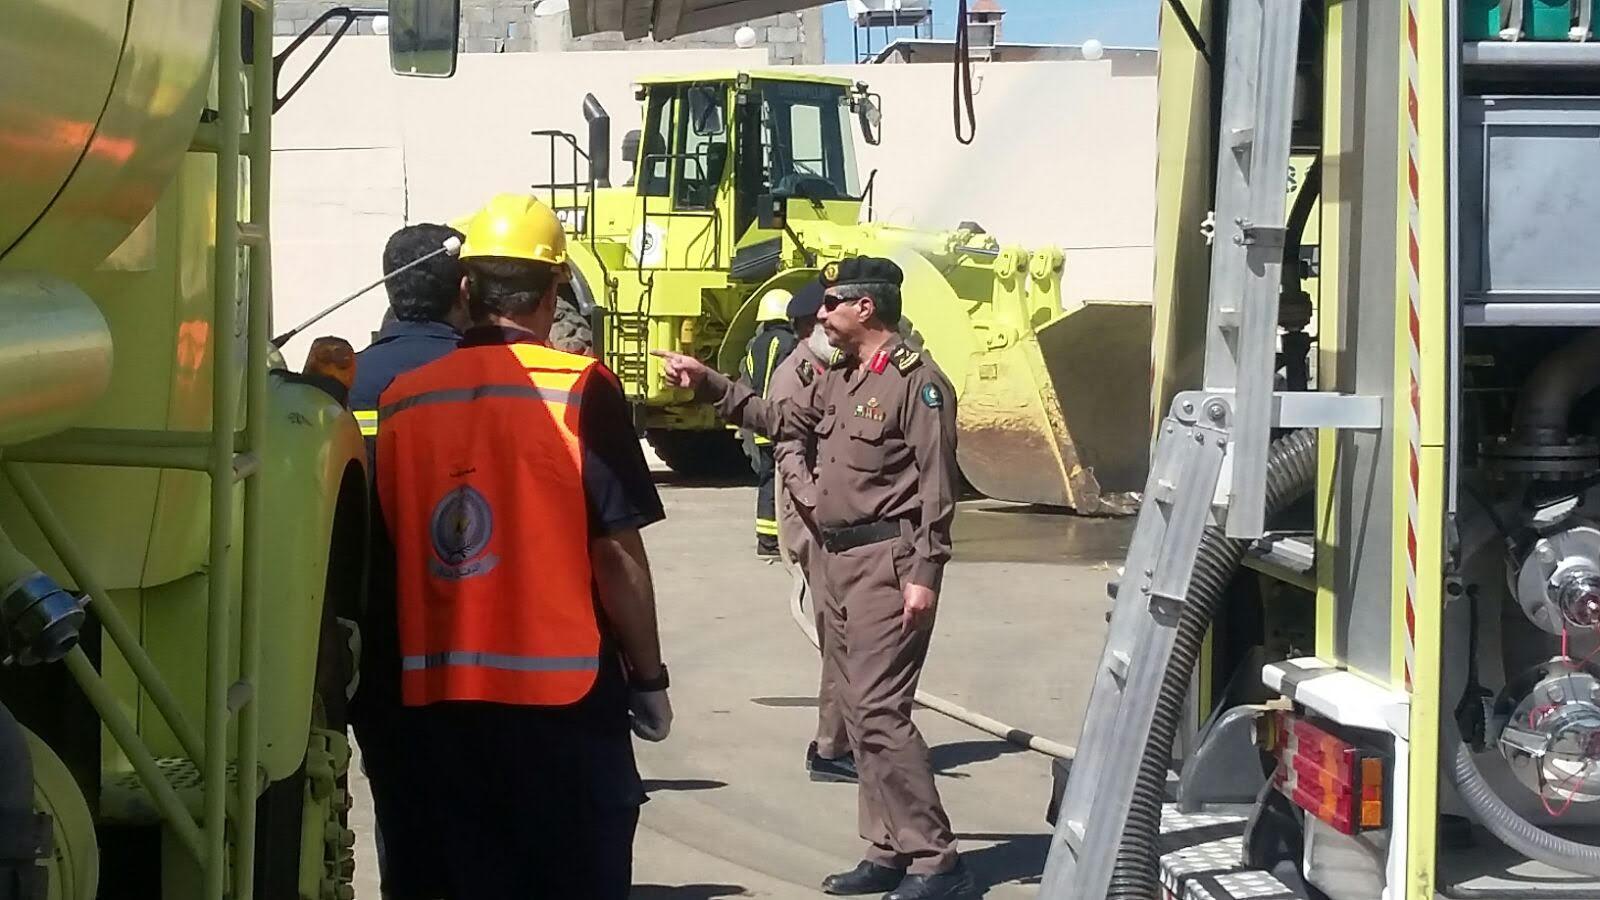 مساعد الدفاع المدني بالباحه اللواء الغامدي يقف ميدانيا على جاهزية إدارة الدفاع المدني بالباحه 1